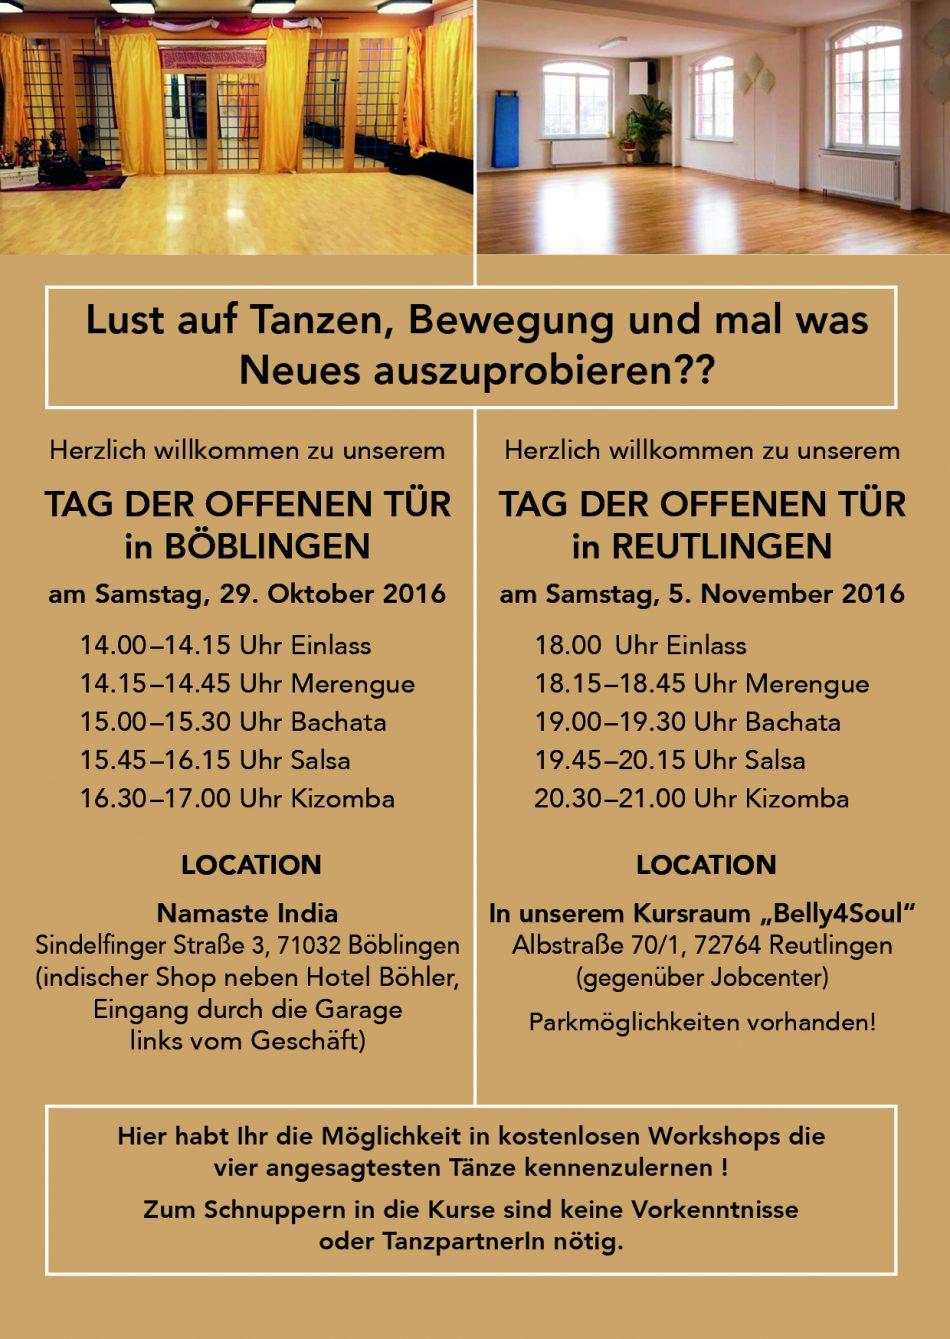 reutlingen frauen dating aus verden single  Reutlingen Dating Site, 100 Free Online Dating in Reutlingen, BY. Reutlingen Dating Site, 100 Free Online Dating in Reutlingen, BY.